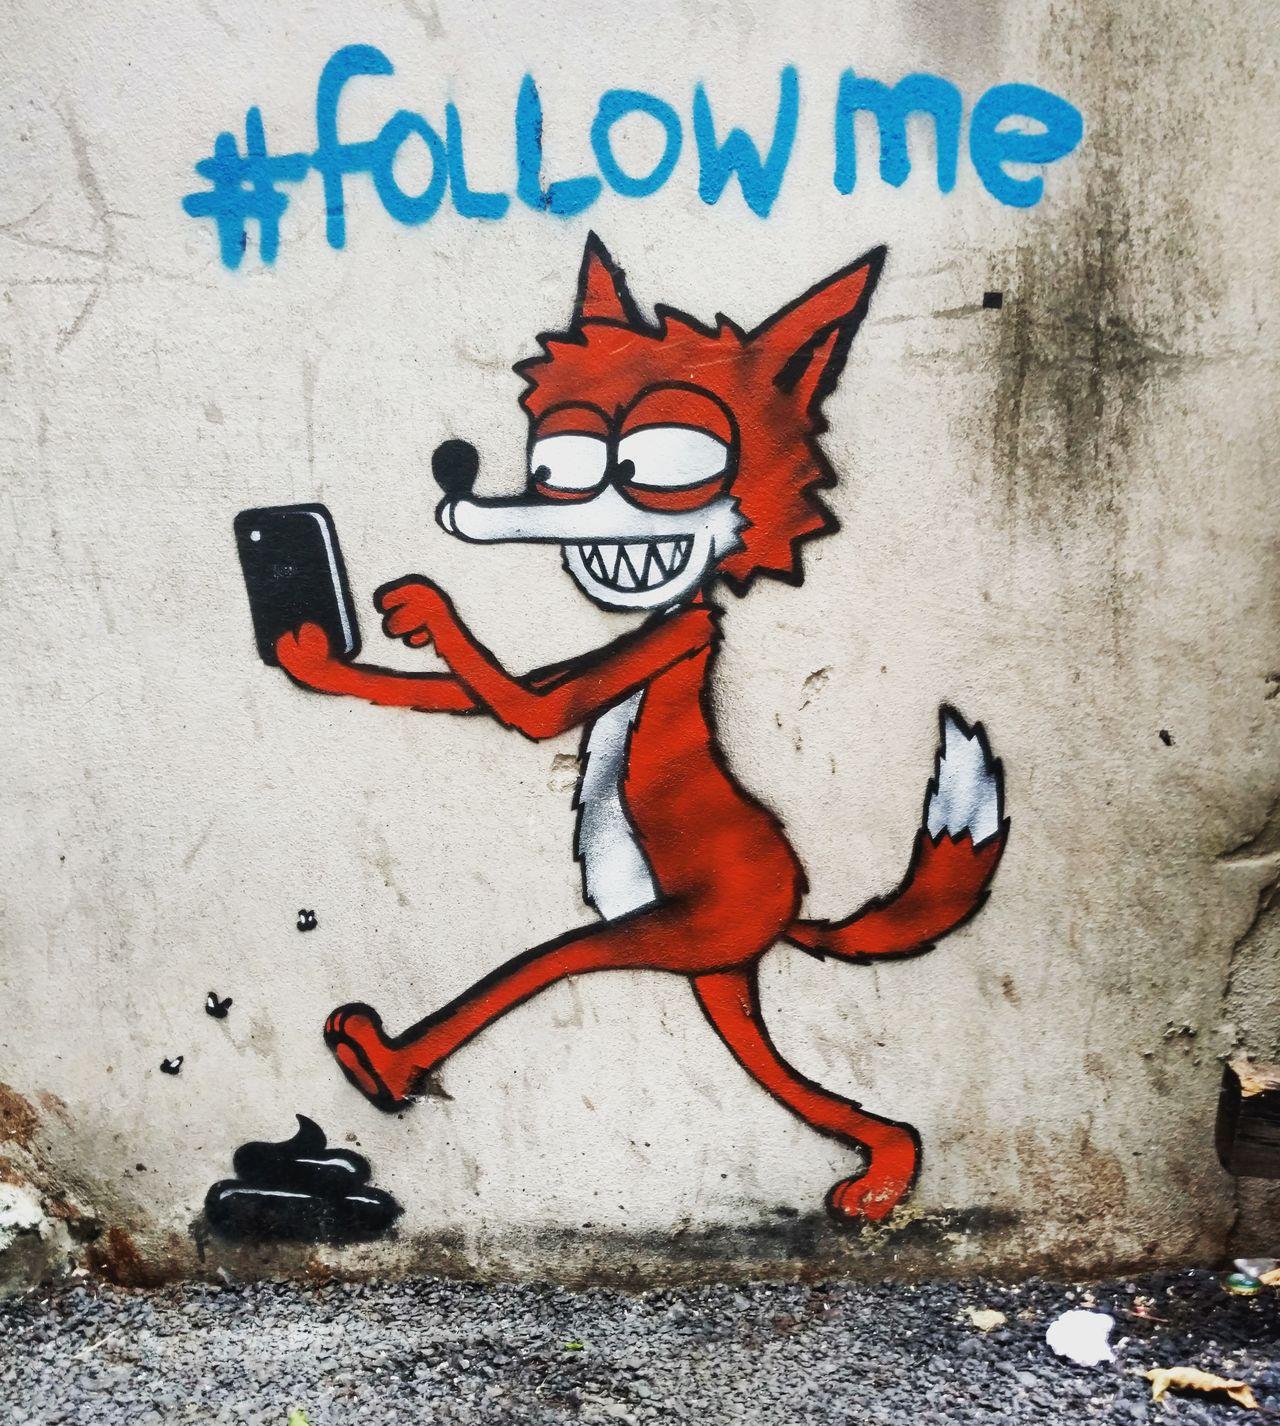 Spray Paint Outdoors Graffiti Graffiti Art Graffiti & Streetart Streetphotography Street Photography Streetart Street Art Fox Cartoon Poop What Does The Fox Say? Followme Follow Follow4follow Followback